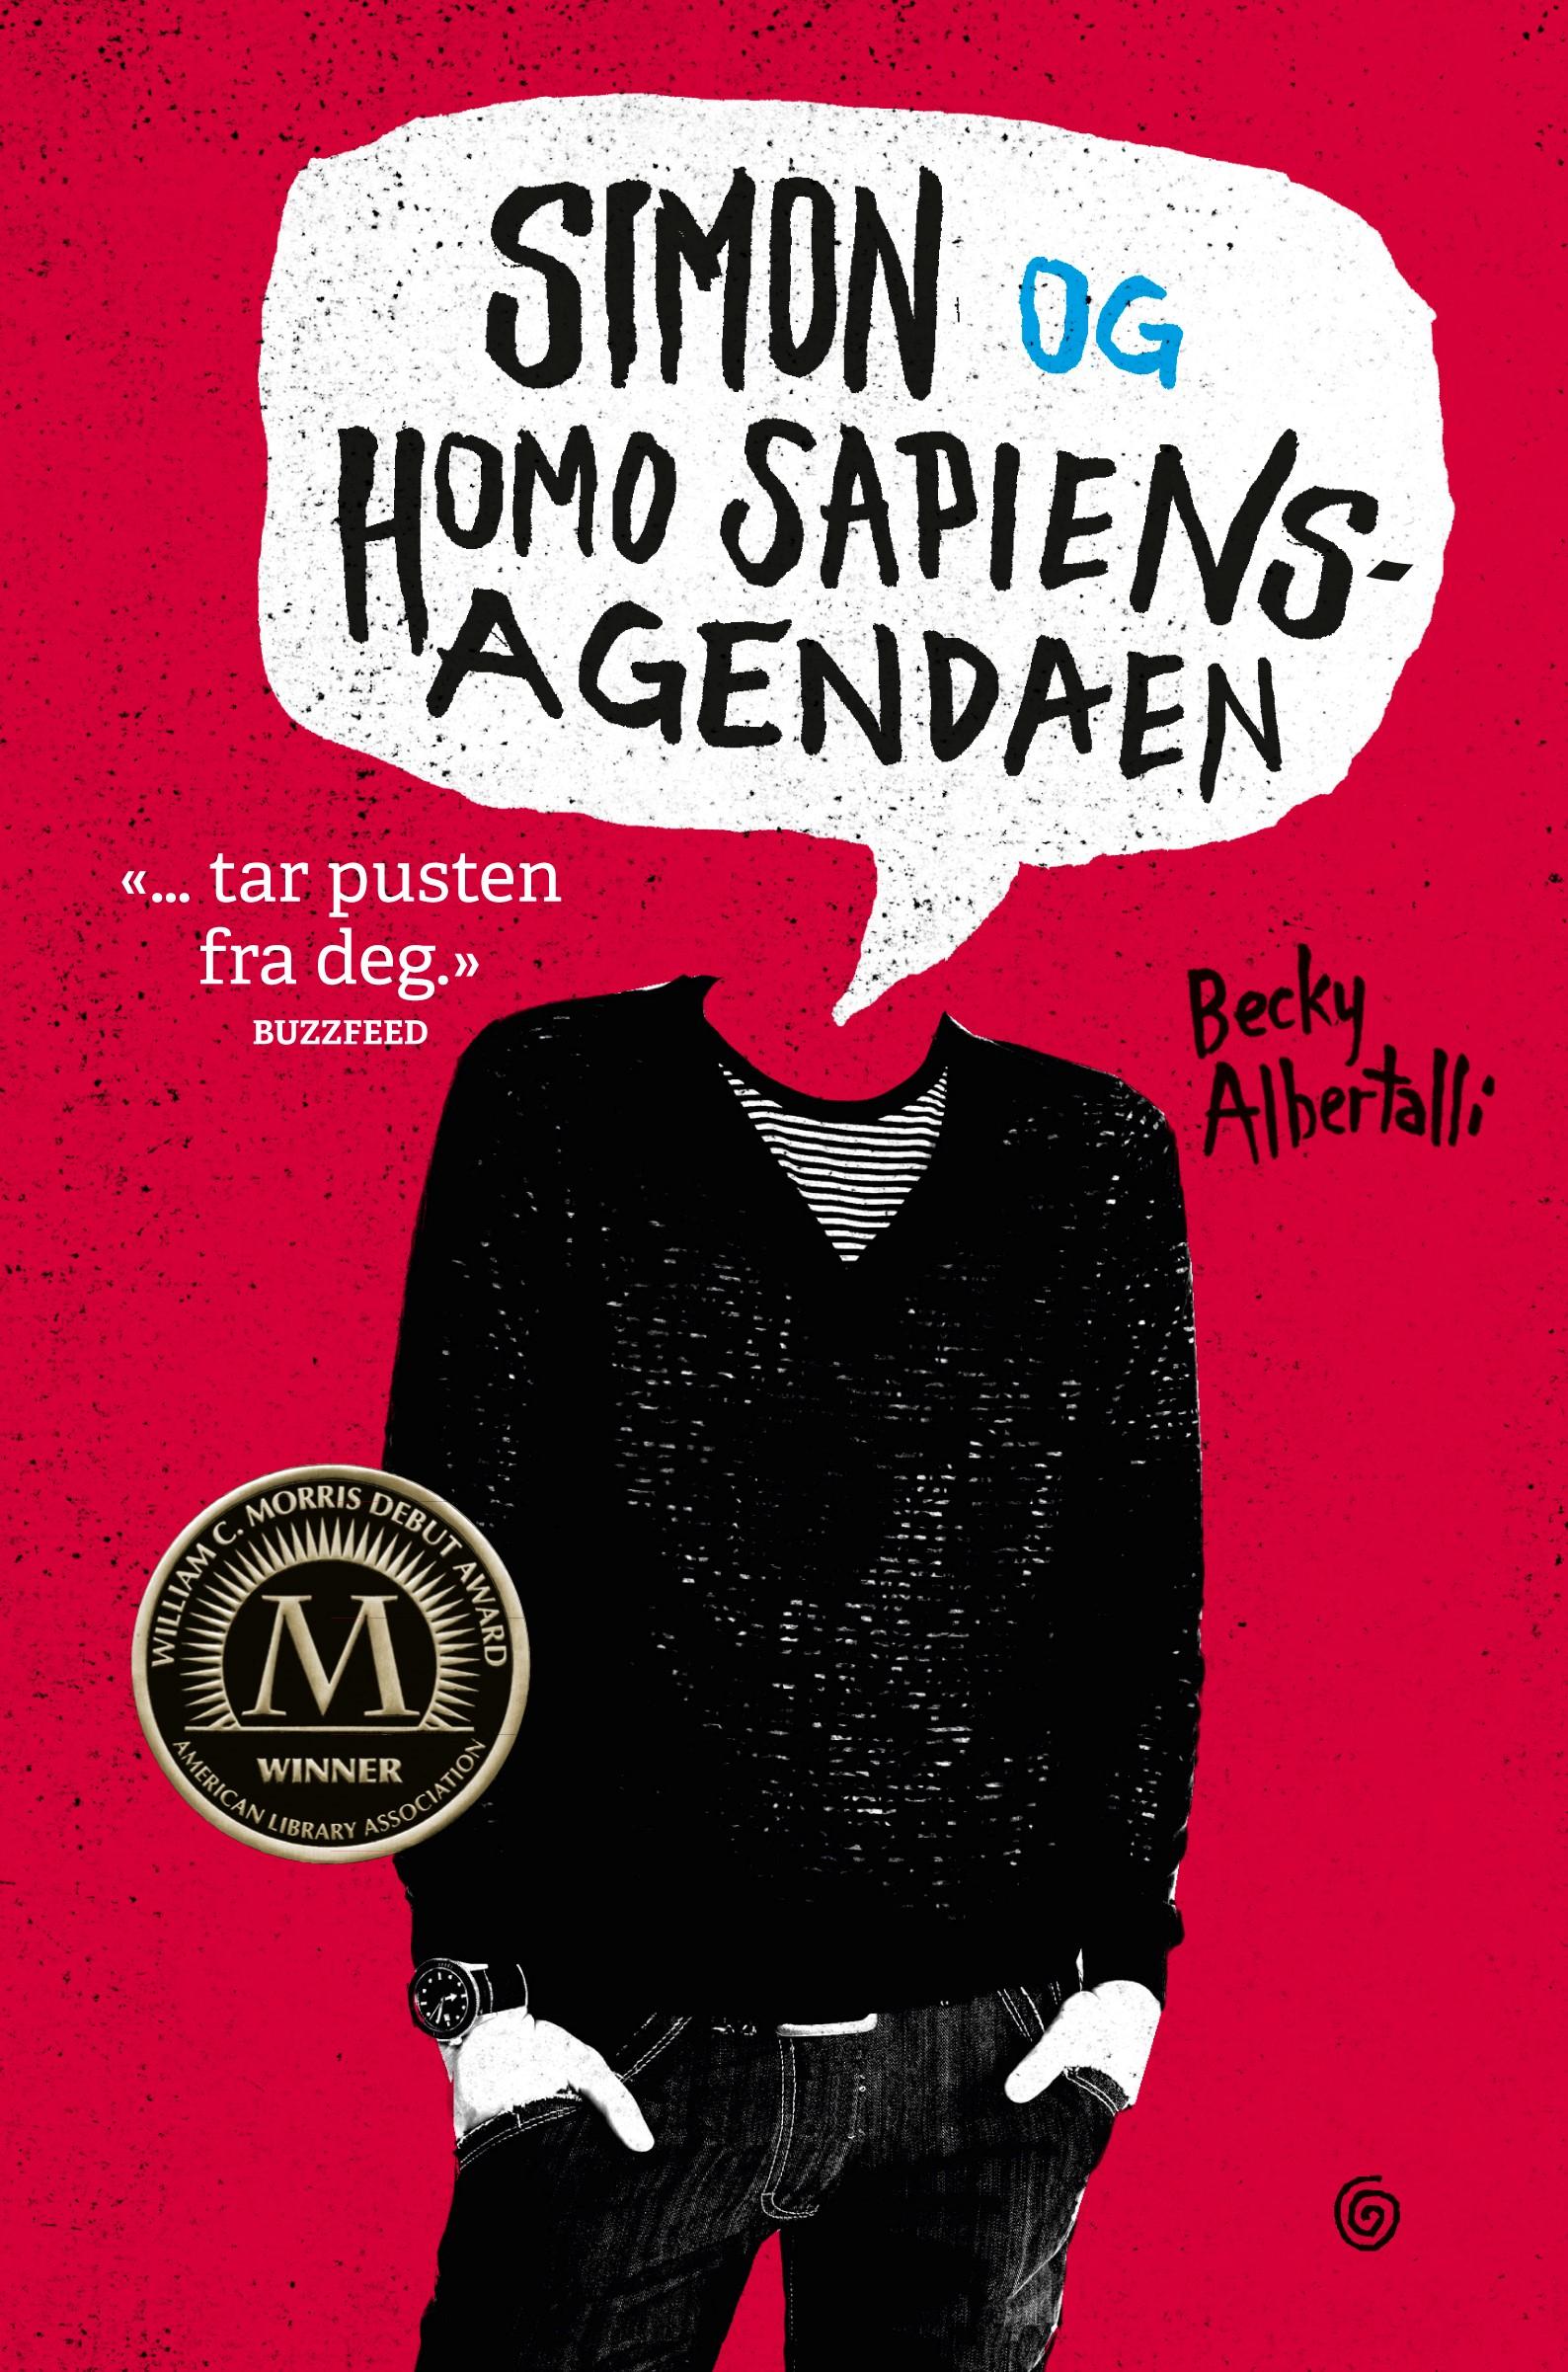 org_Simon og homo sapiens-agendaen høy